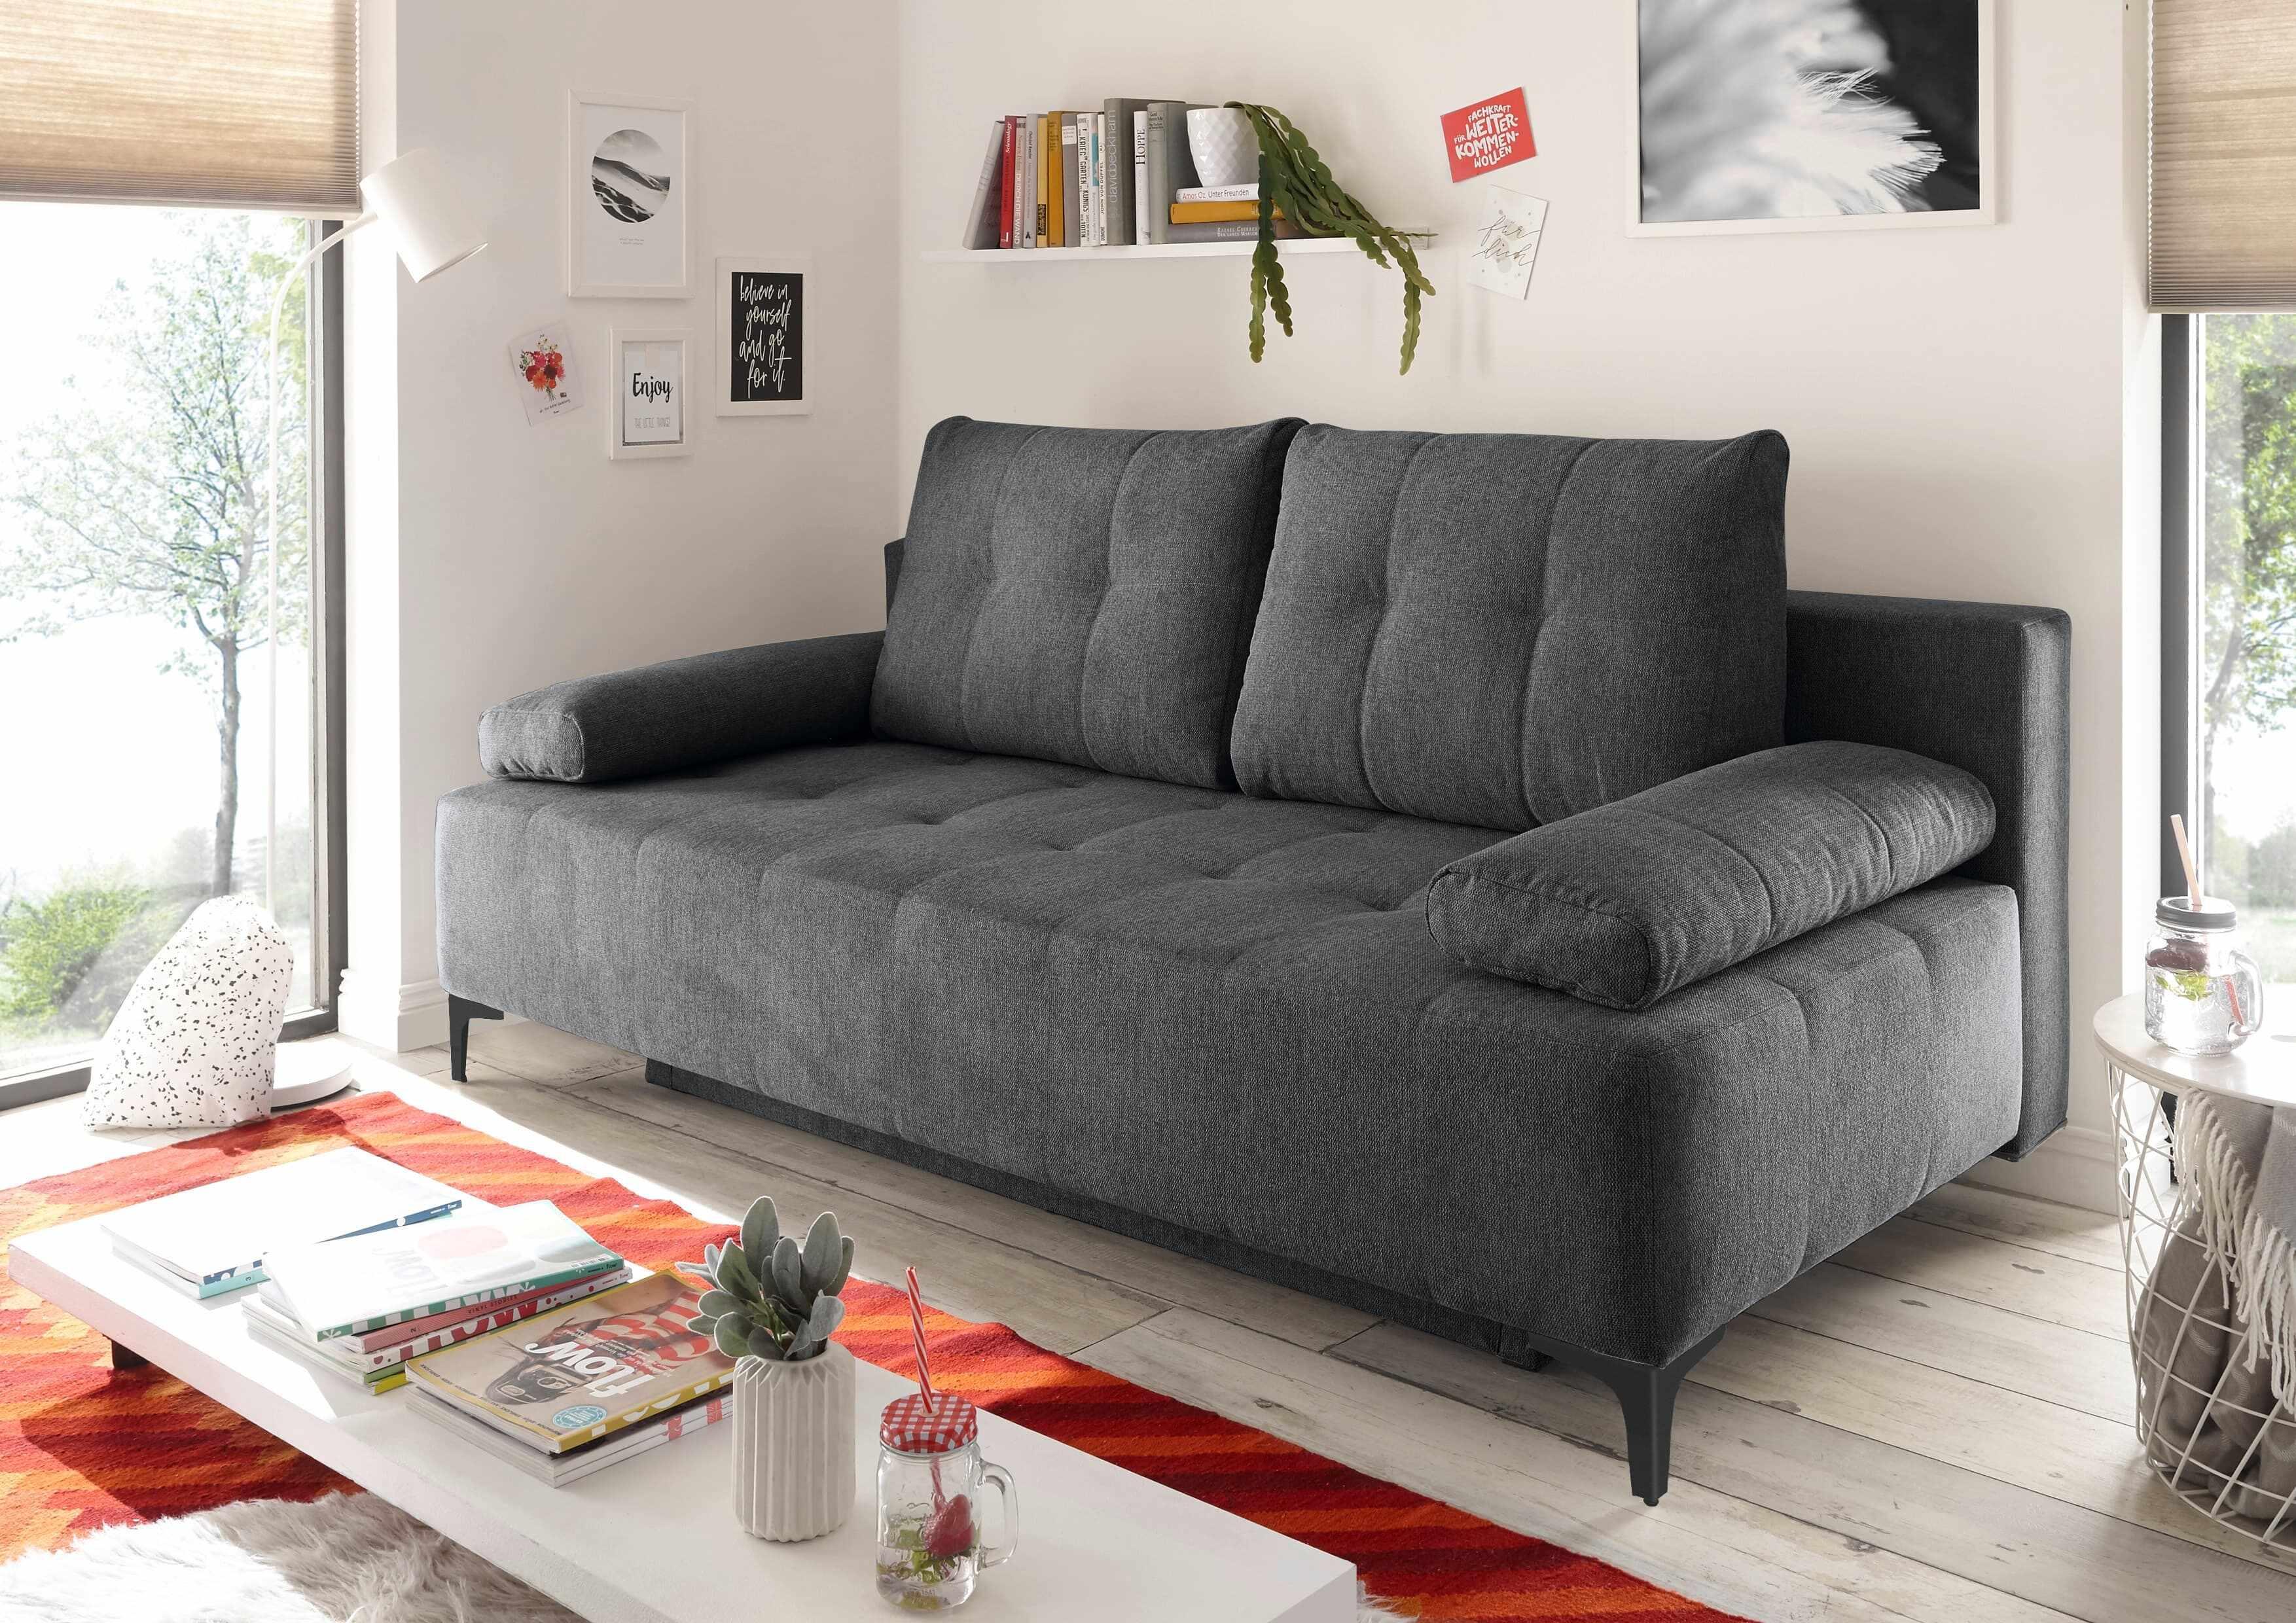 Canapea extensibila cu lada de depozitare, tapitata cu stofa, 3 locuri, Molly Antracit, l203xA107xH98 cm la pret 3069 lei